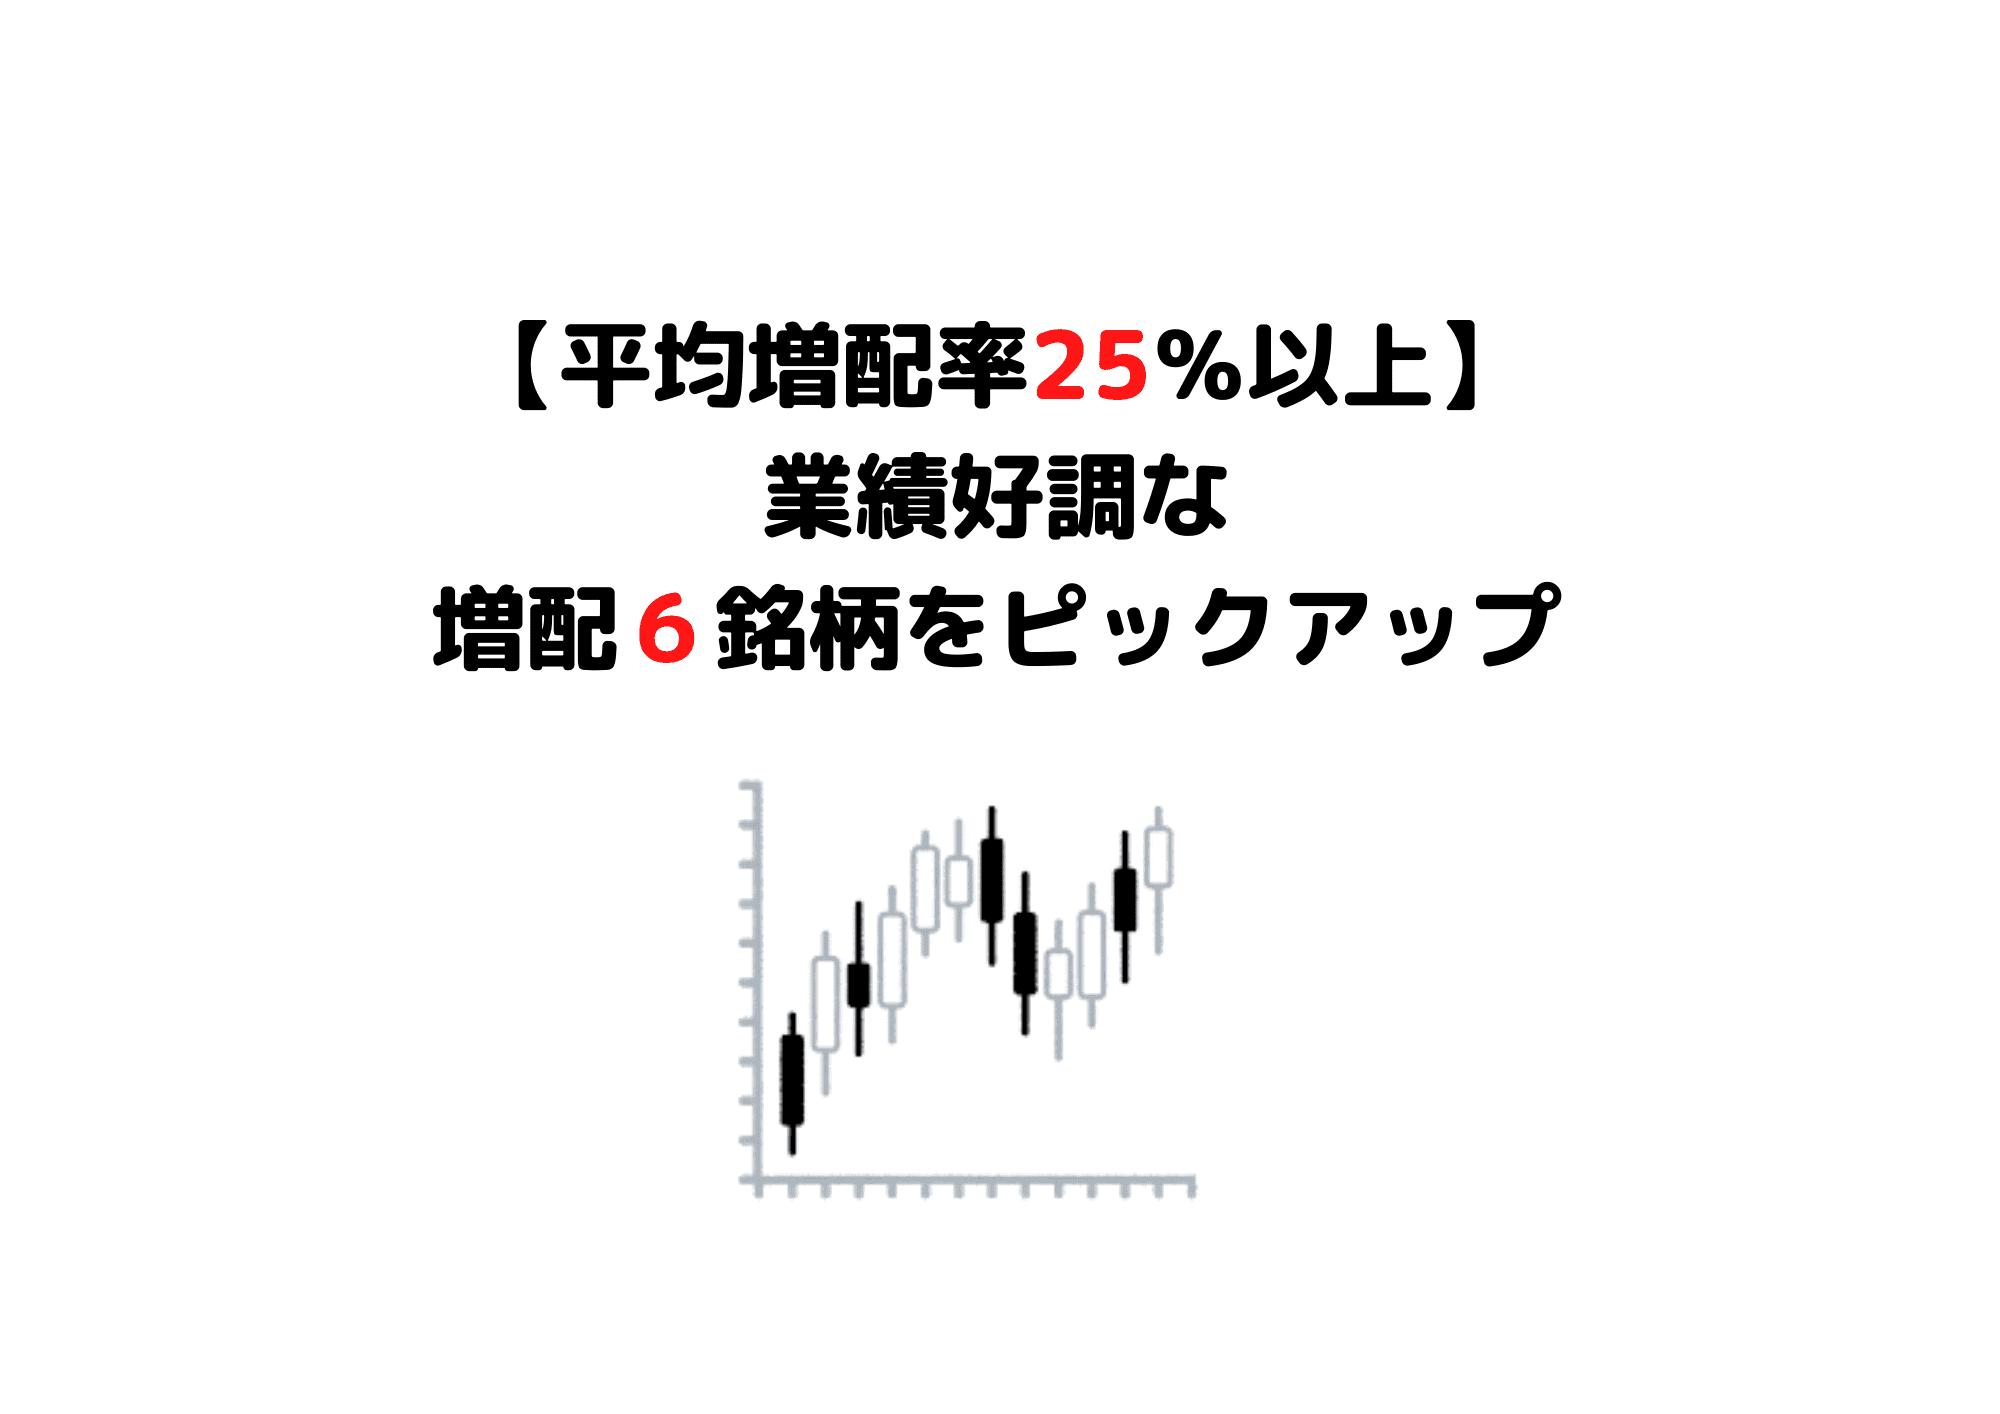 増配率ランキング (1)